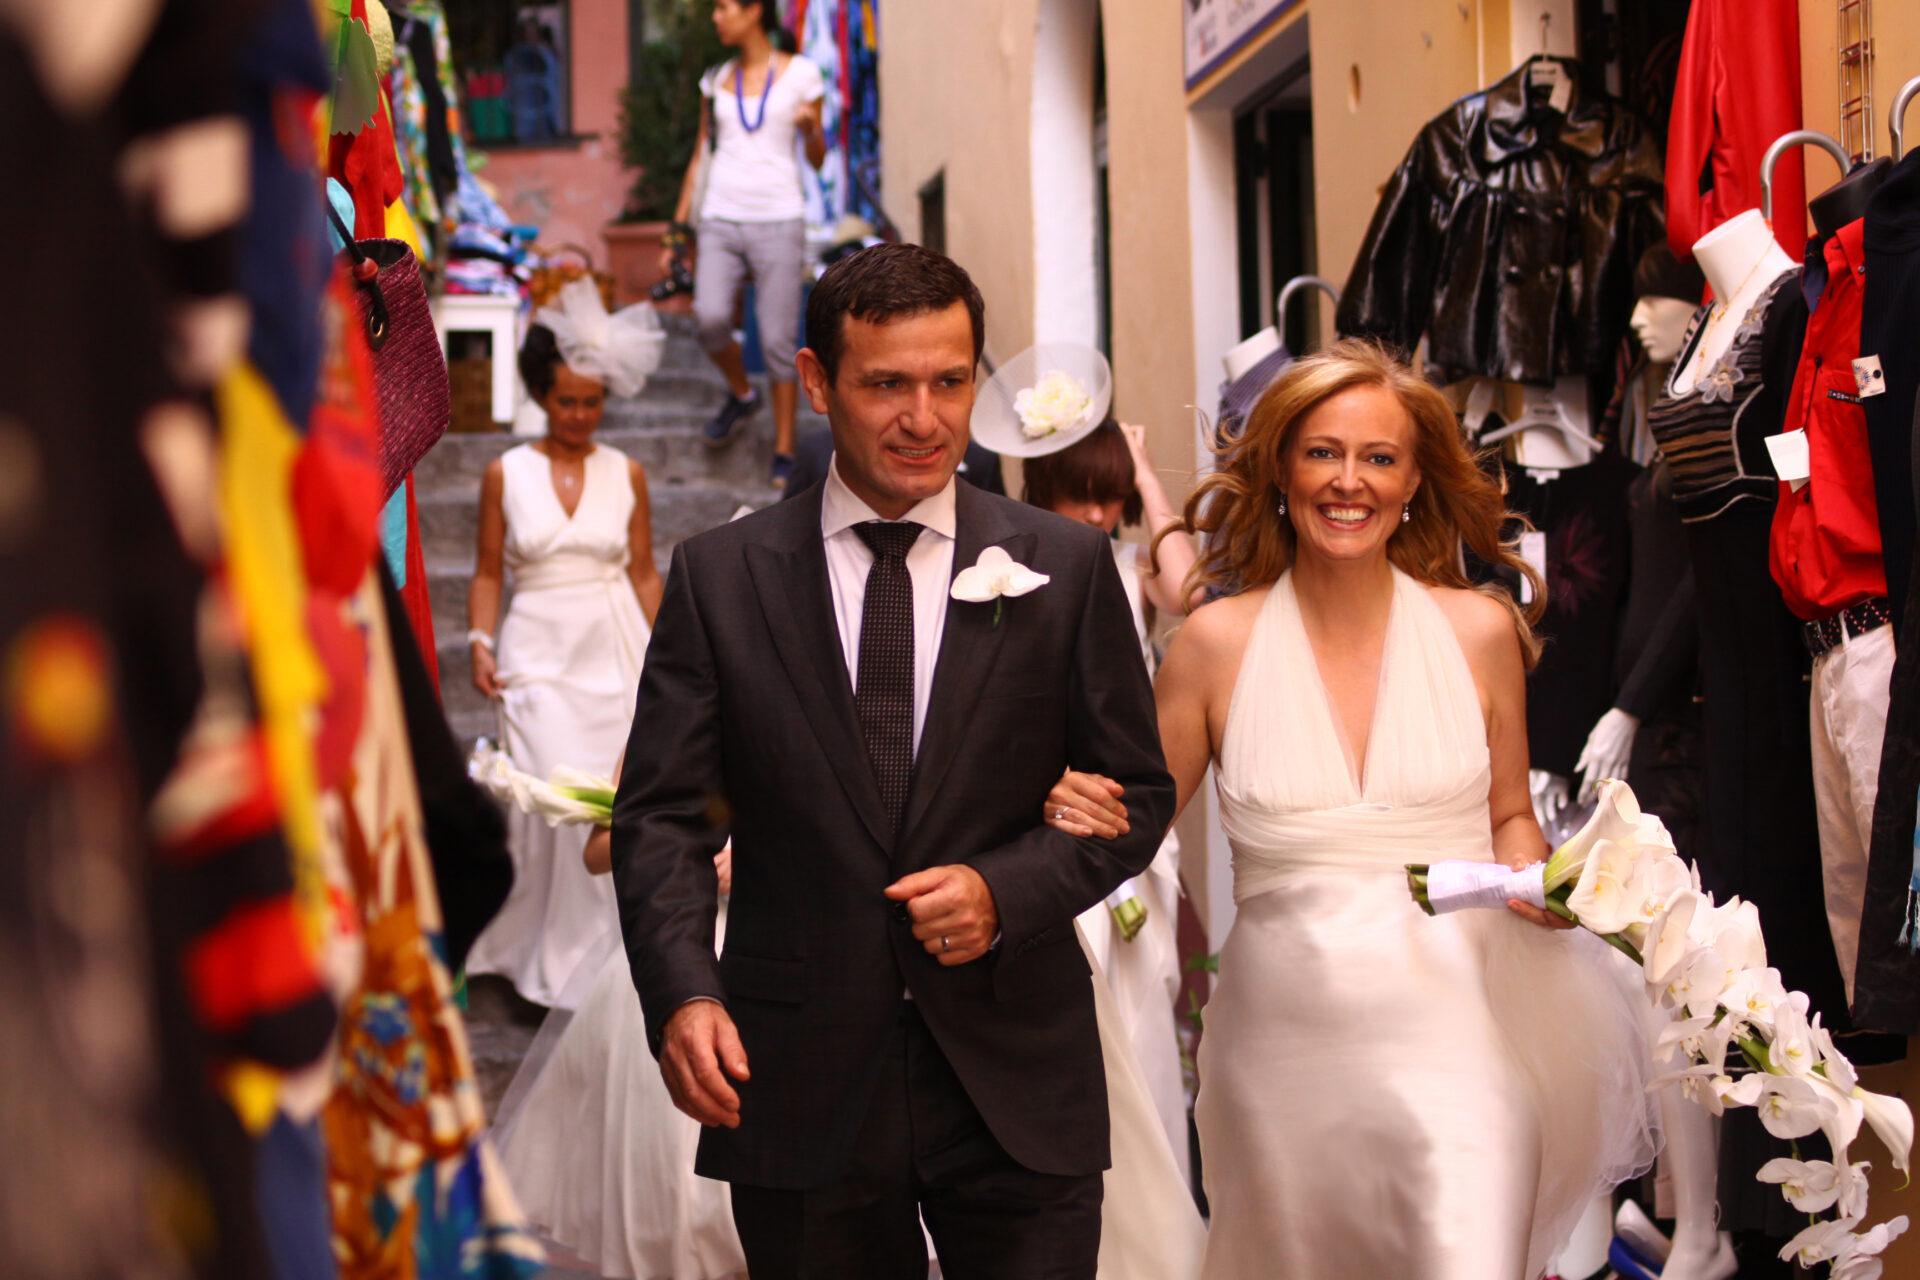 Protestant Weddings Designer in Positano